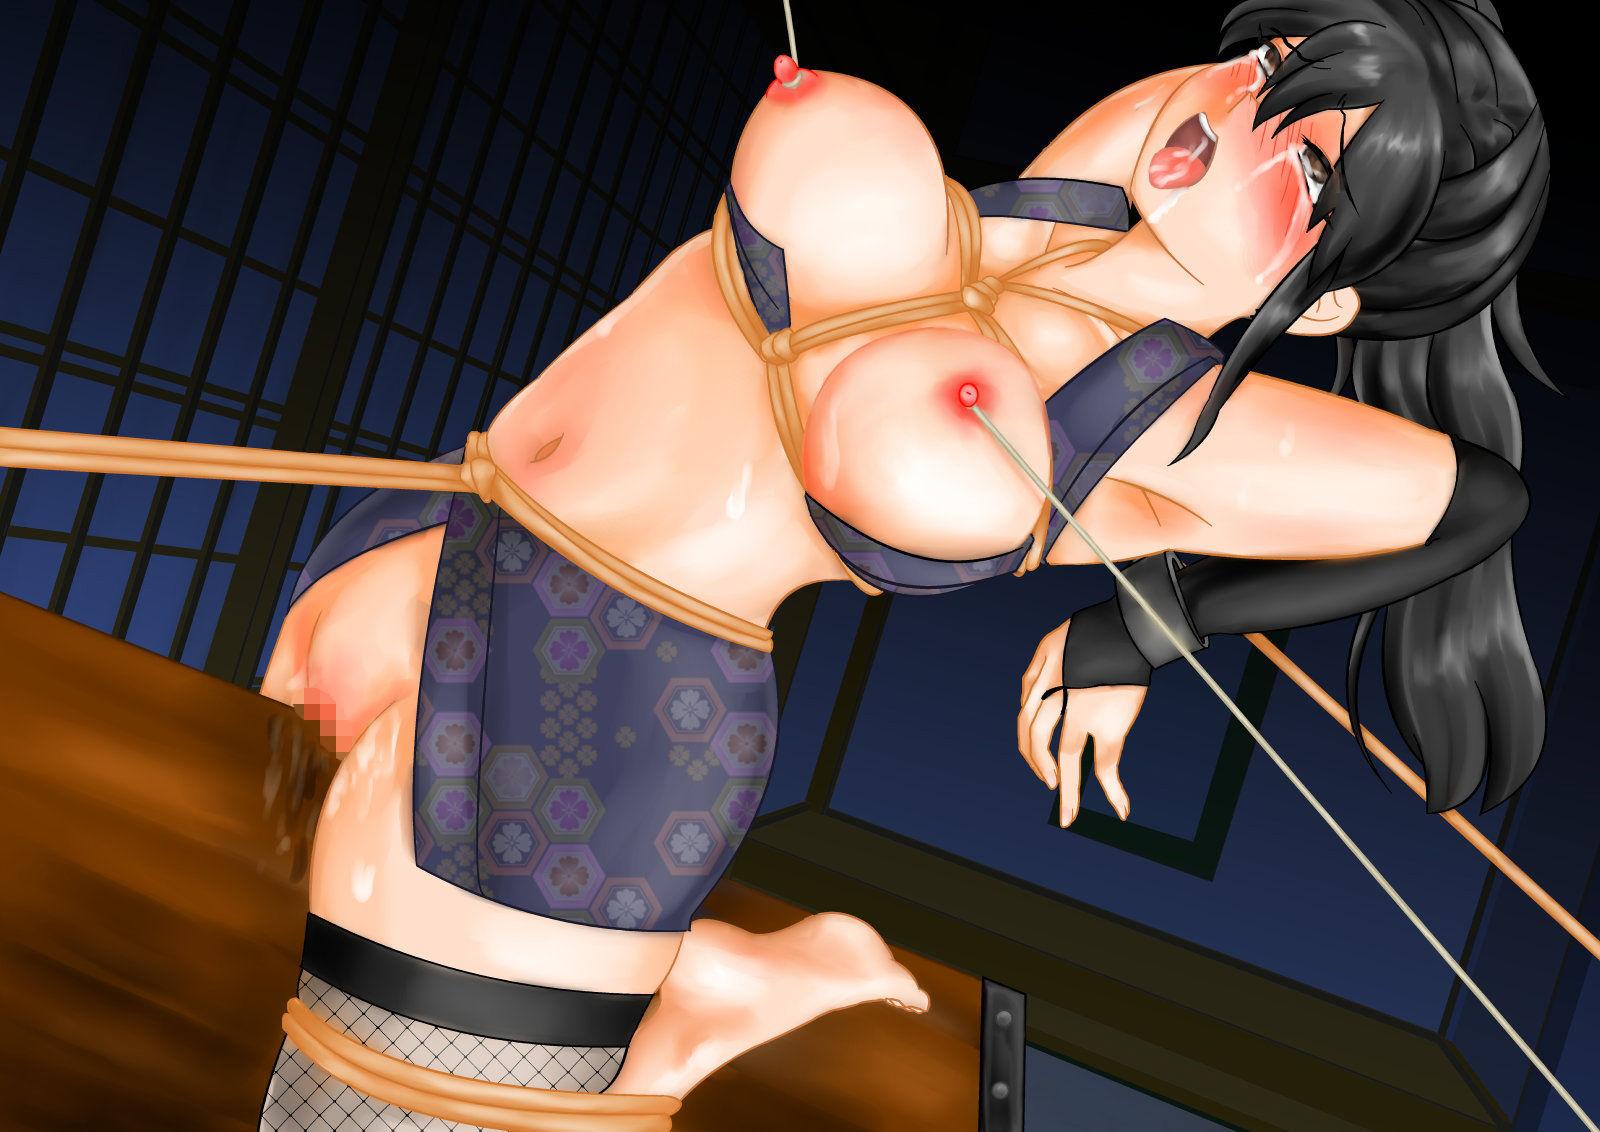 巨乳くのいち拷問、くすぐり寸止め痒み責め触手地獄